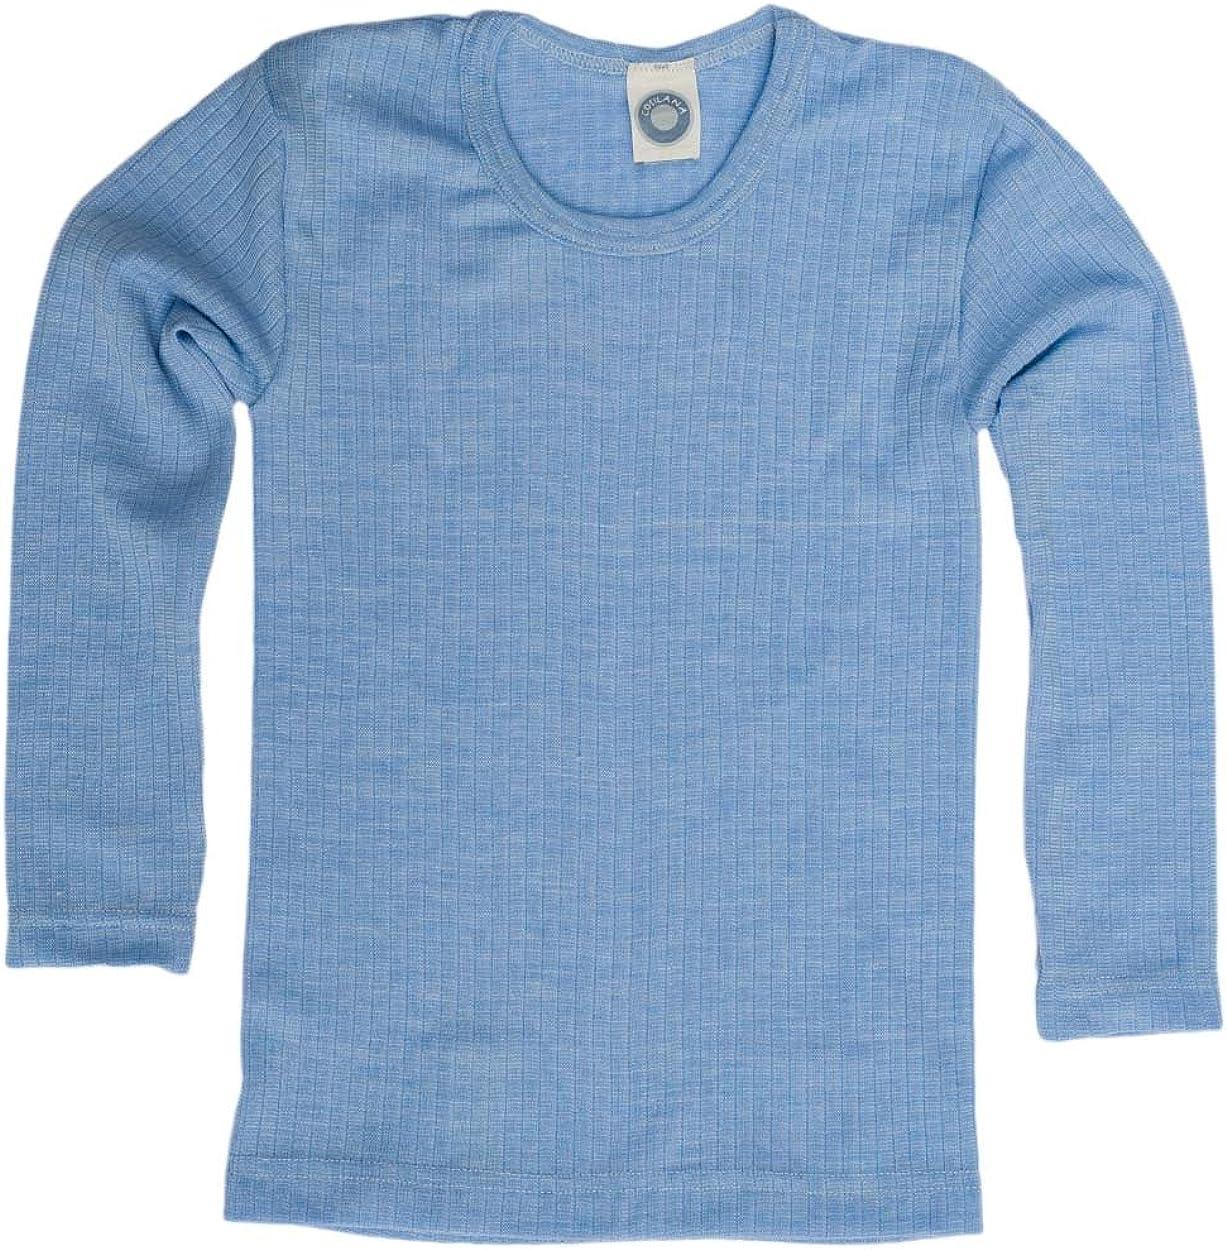 35/% lana ecologica qualit/à speciale 45/% cotone ecologico Cosilana Maglia per bambini di Wollbody/® 20/% seta